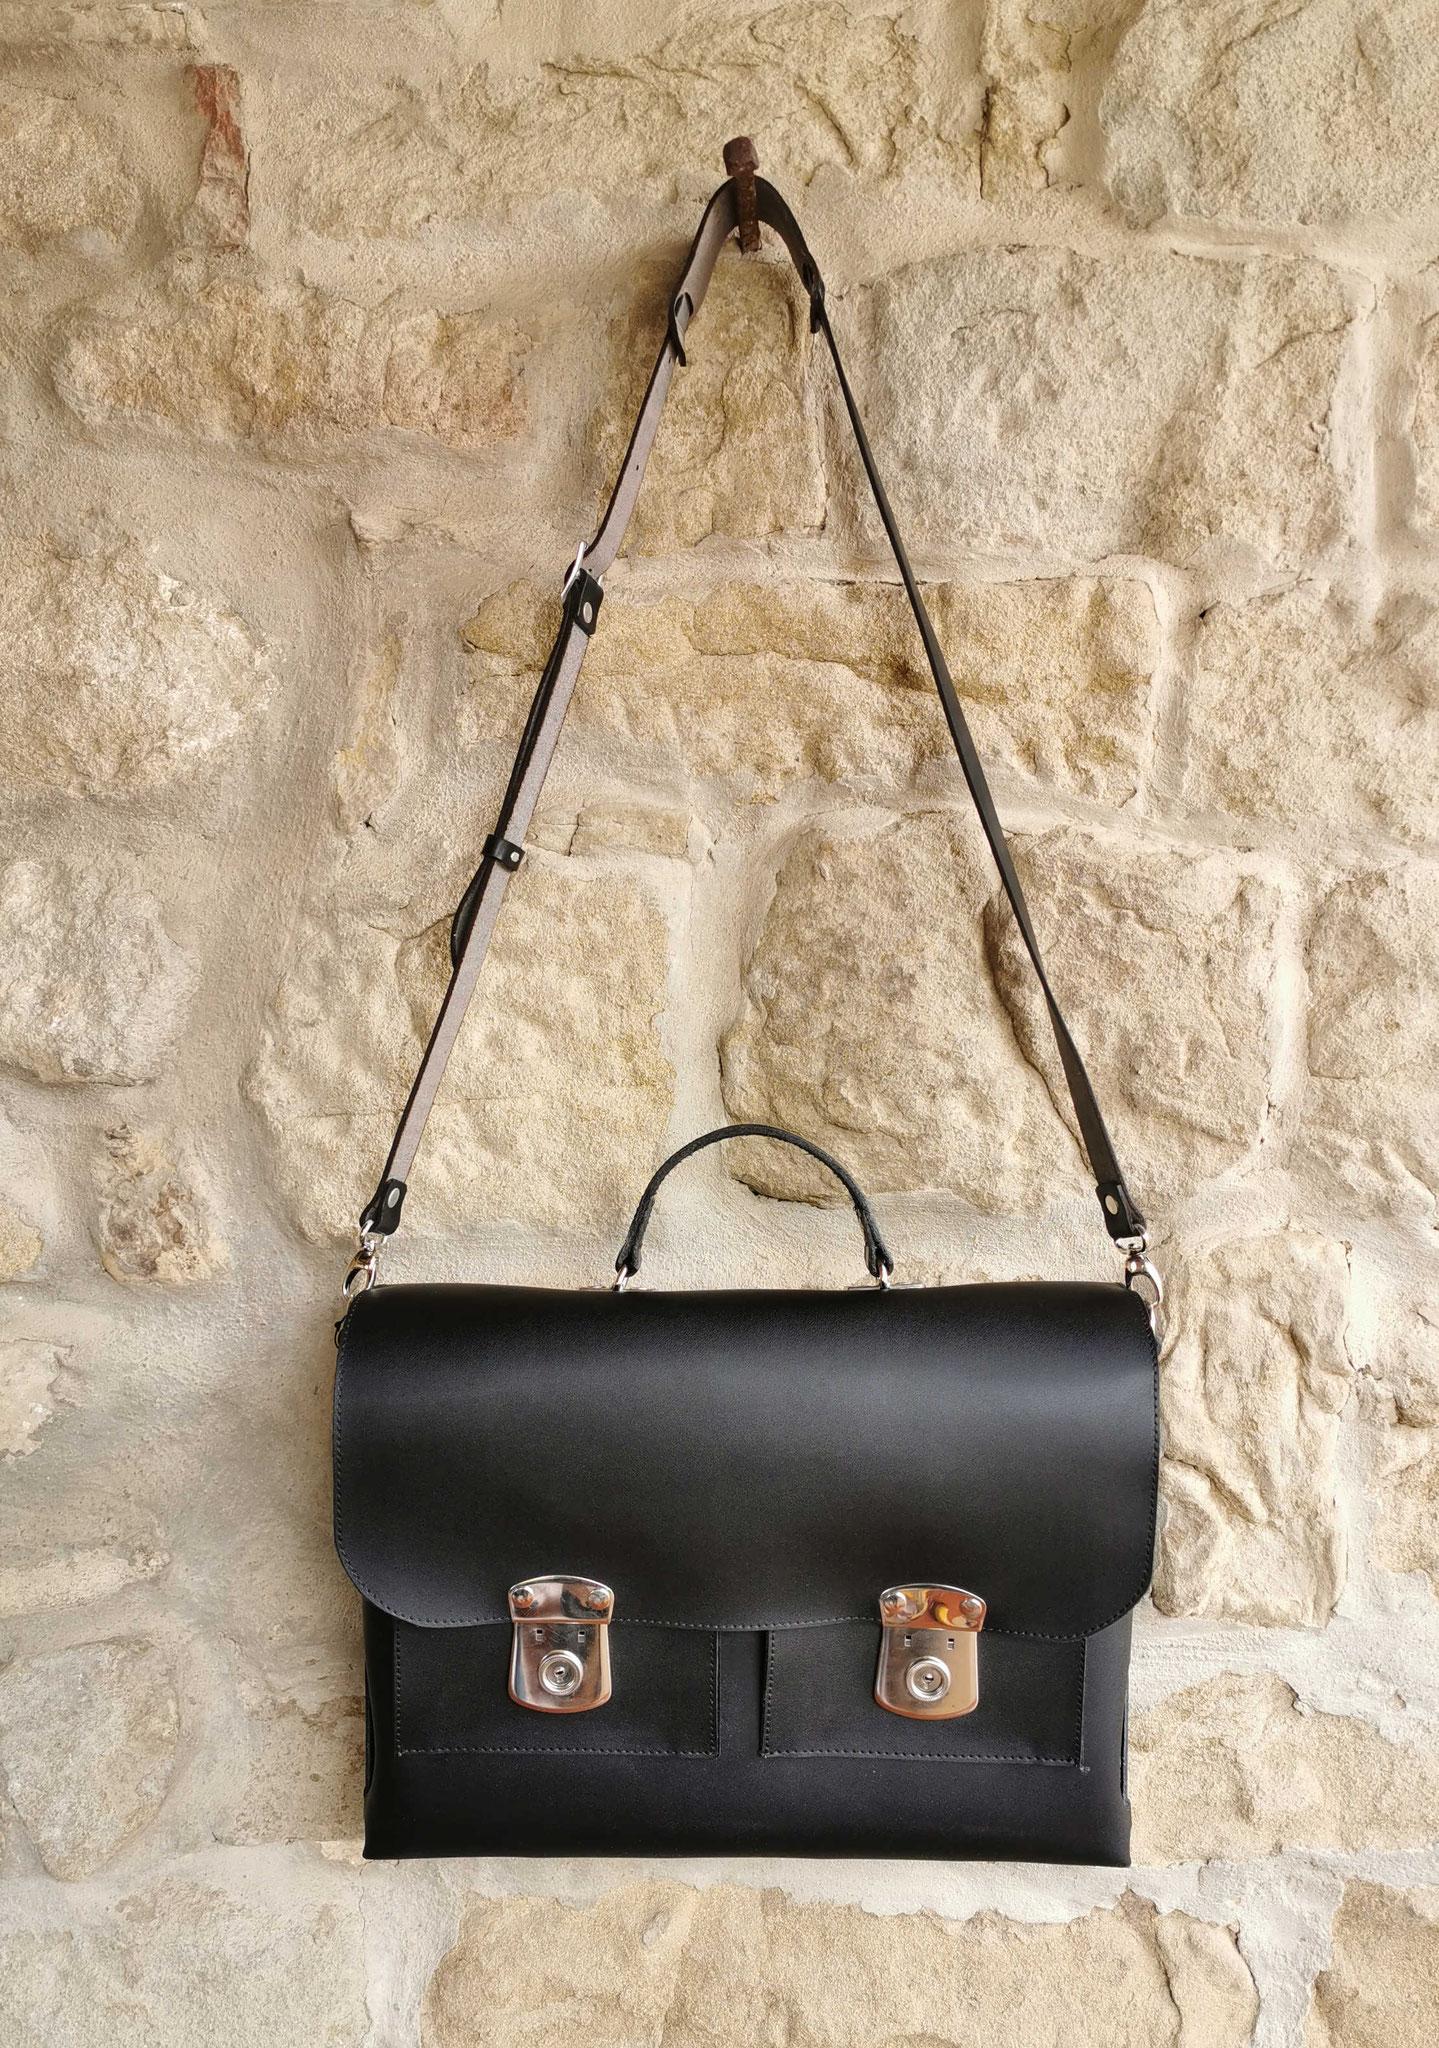 borsa da ufficio in pelle nera